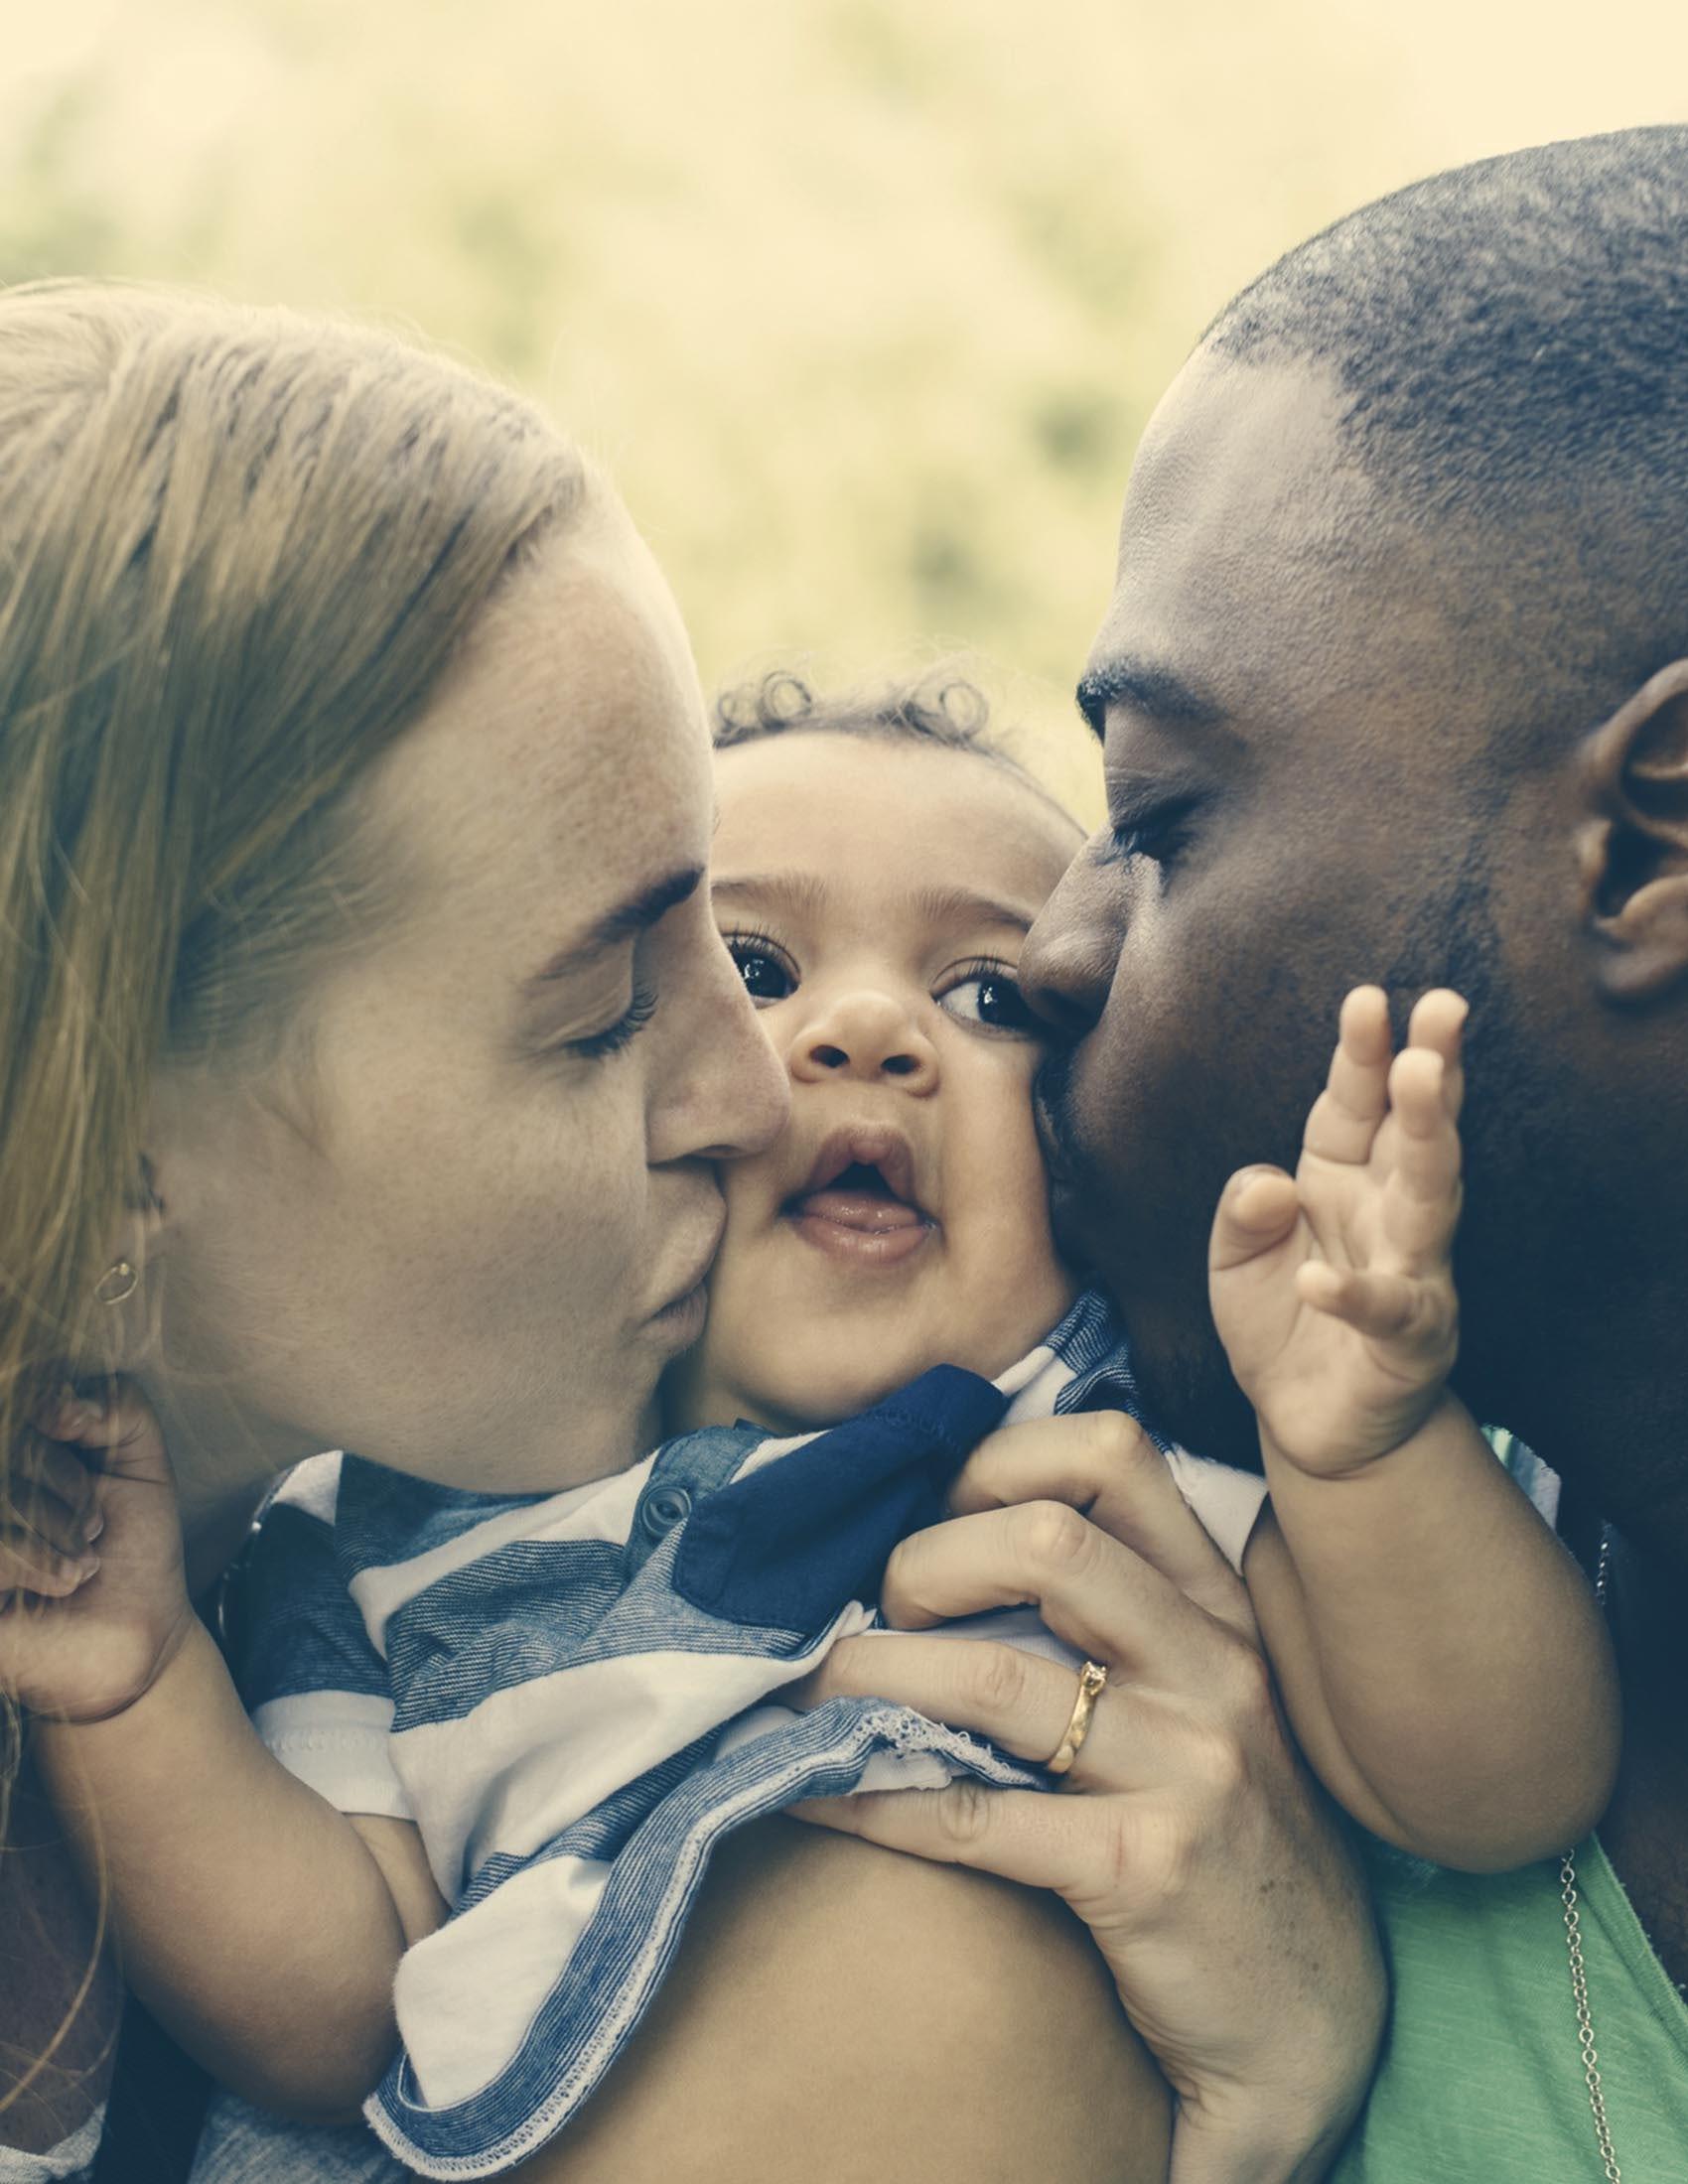 Bebis blir pussad på kinderna av sina föräldrar   BABYBJÖRN